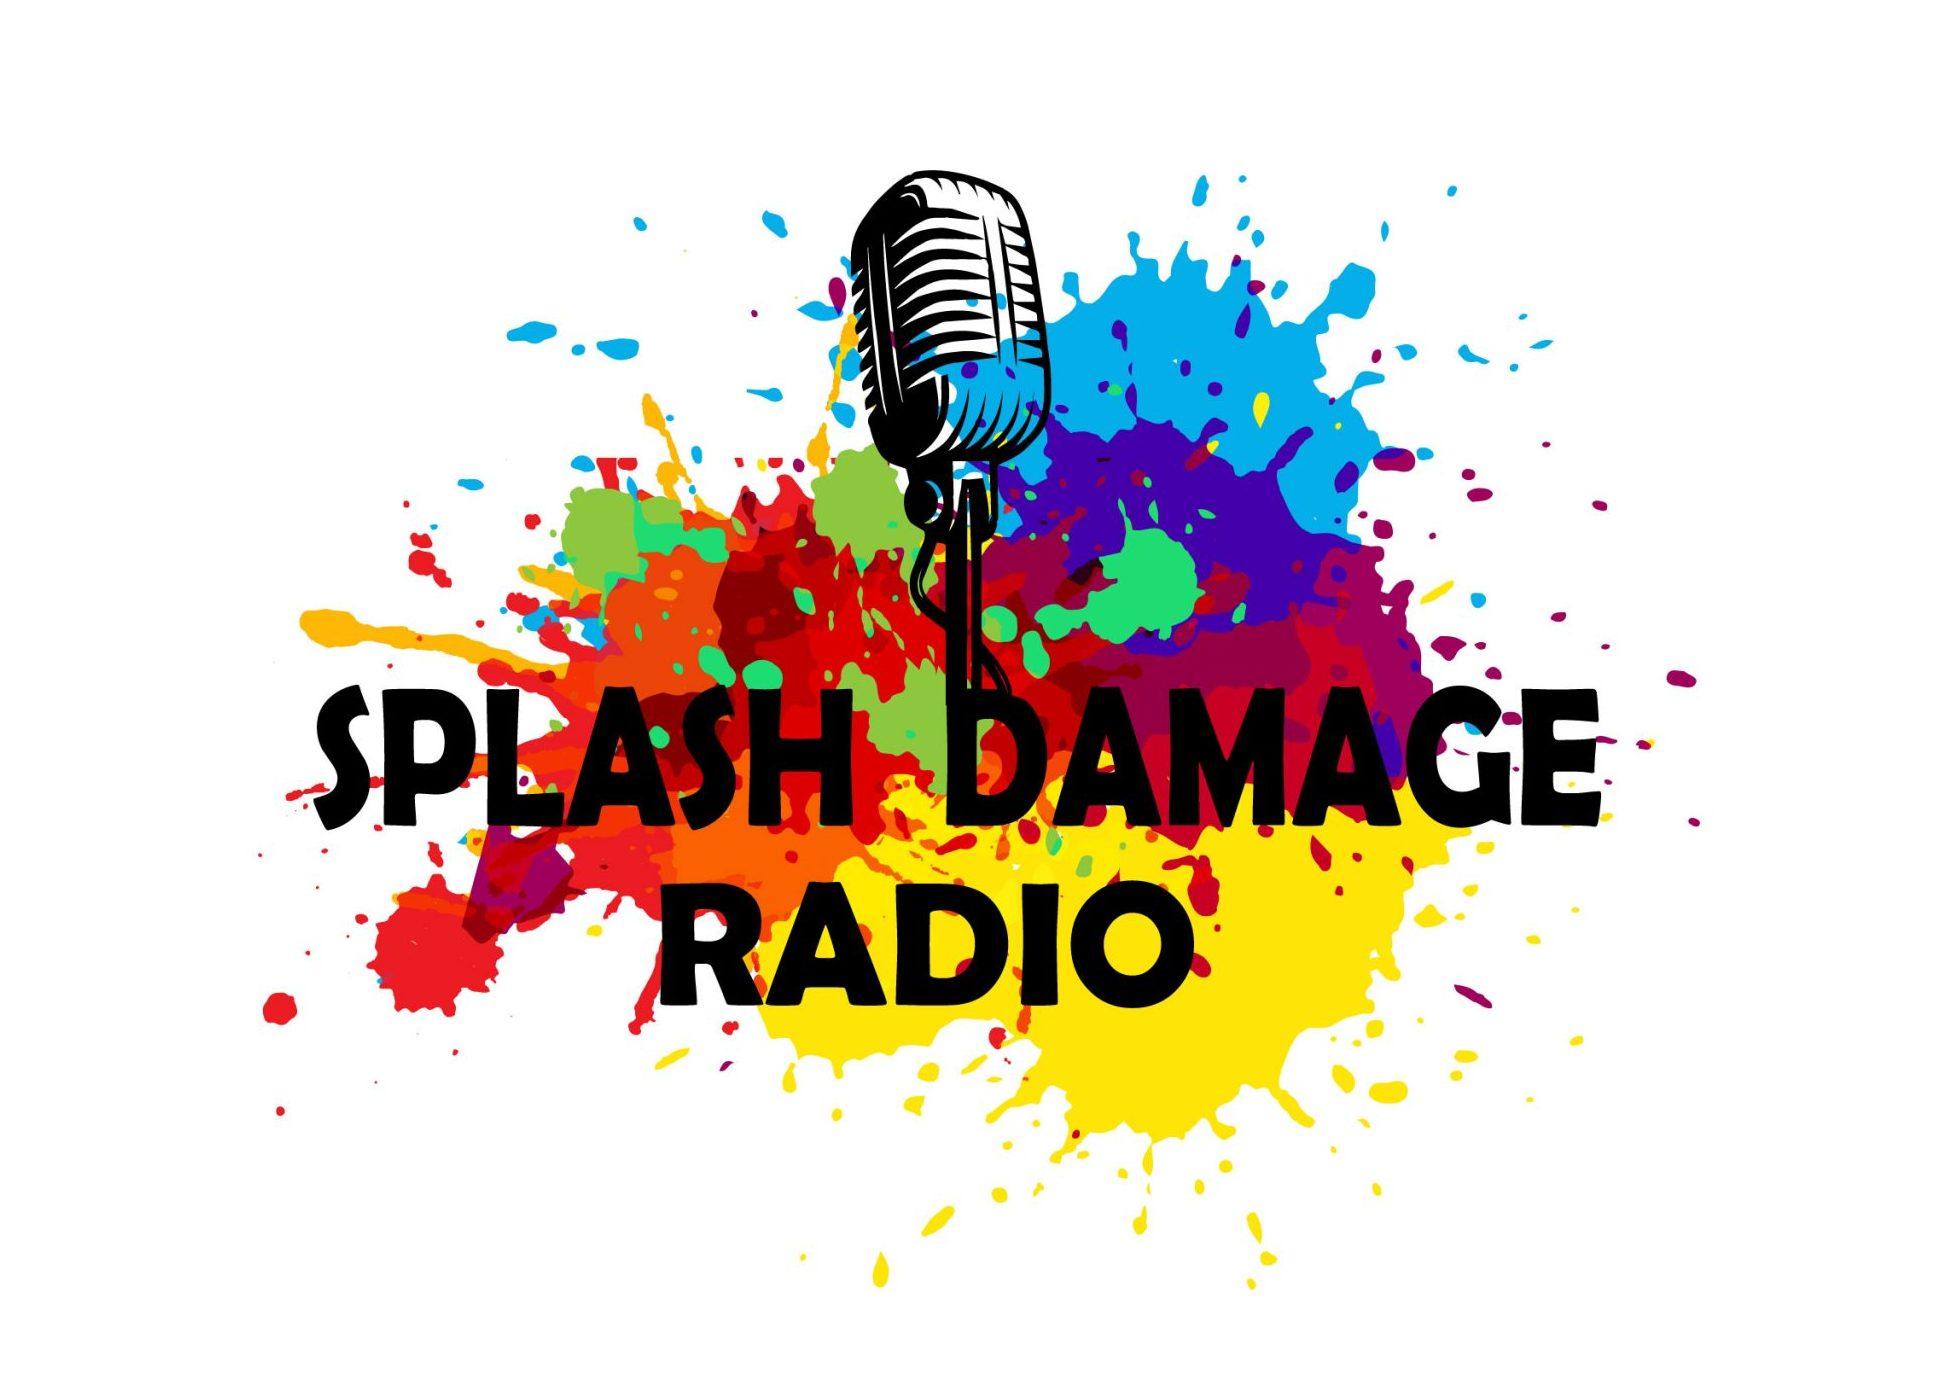 Splash Damage Radio